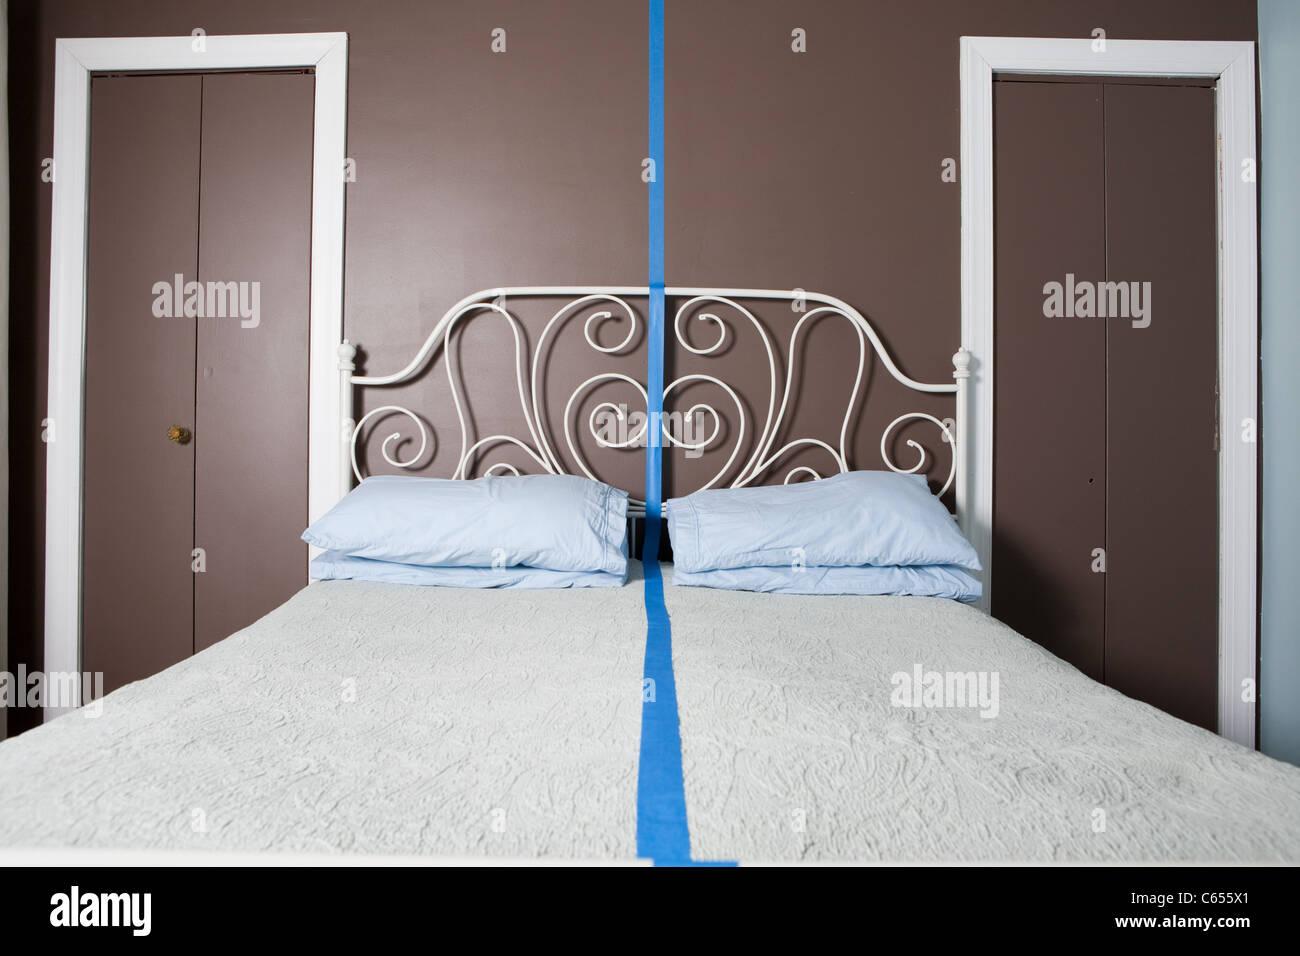 Letto matrimoniale separata dalla linea blu Immagini Stock